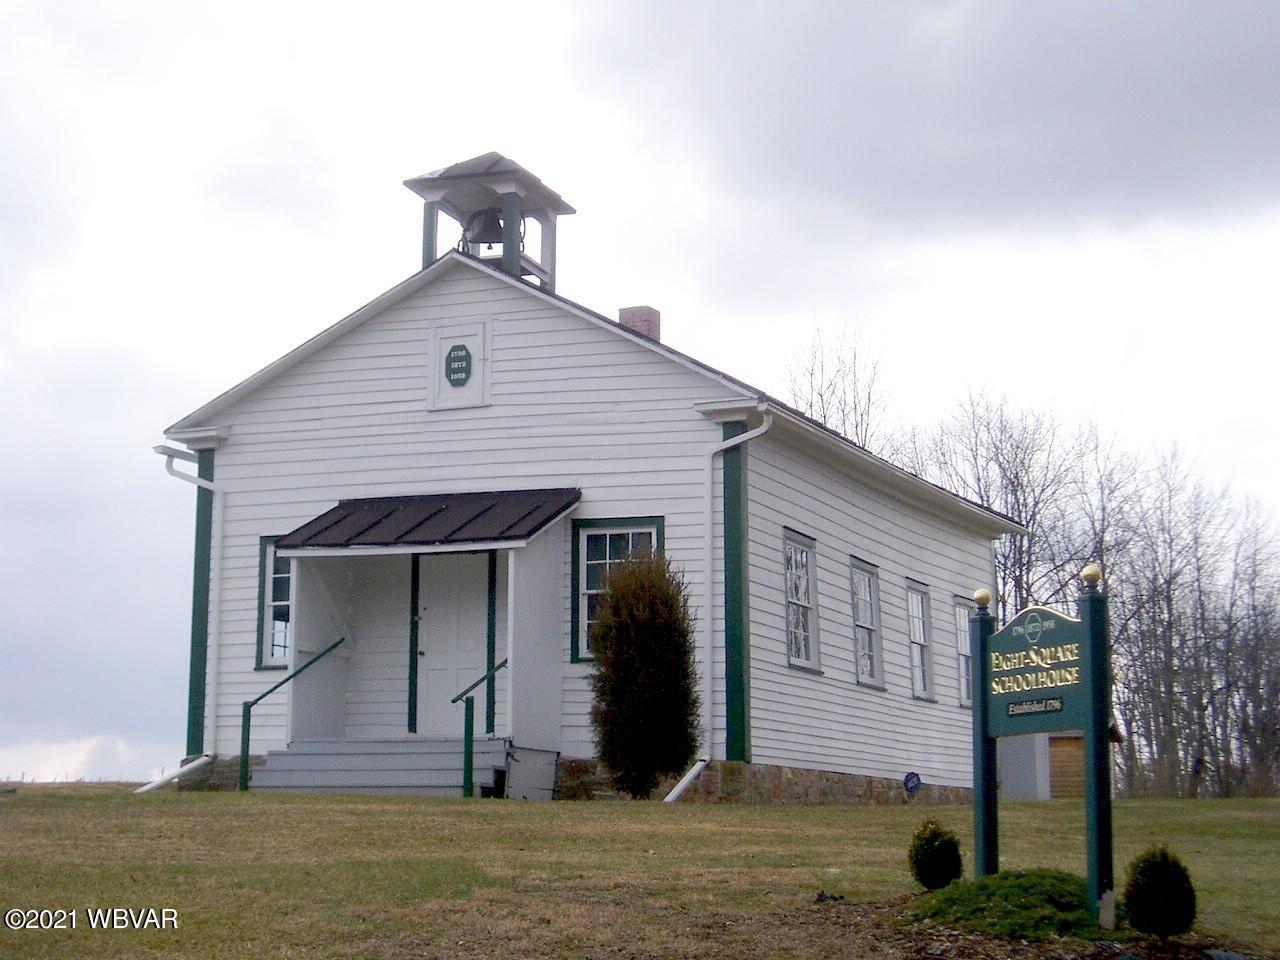 524 MORELAND BAPTIST ROAD, Muncy, PA 17756, ,Residential,For sale,MORELAND BAPTIST,WB-92337